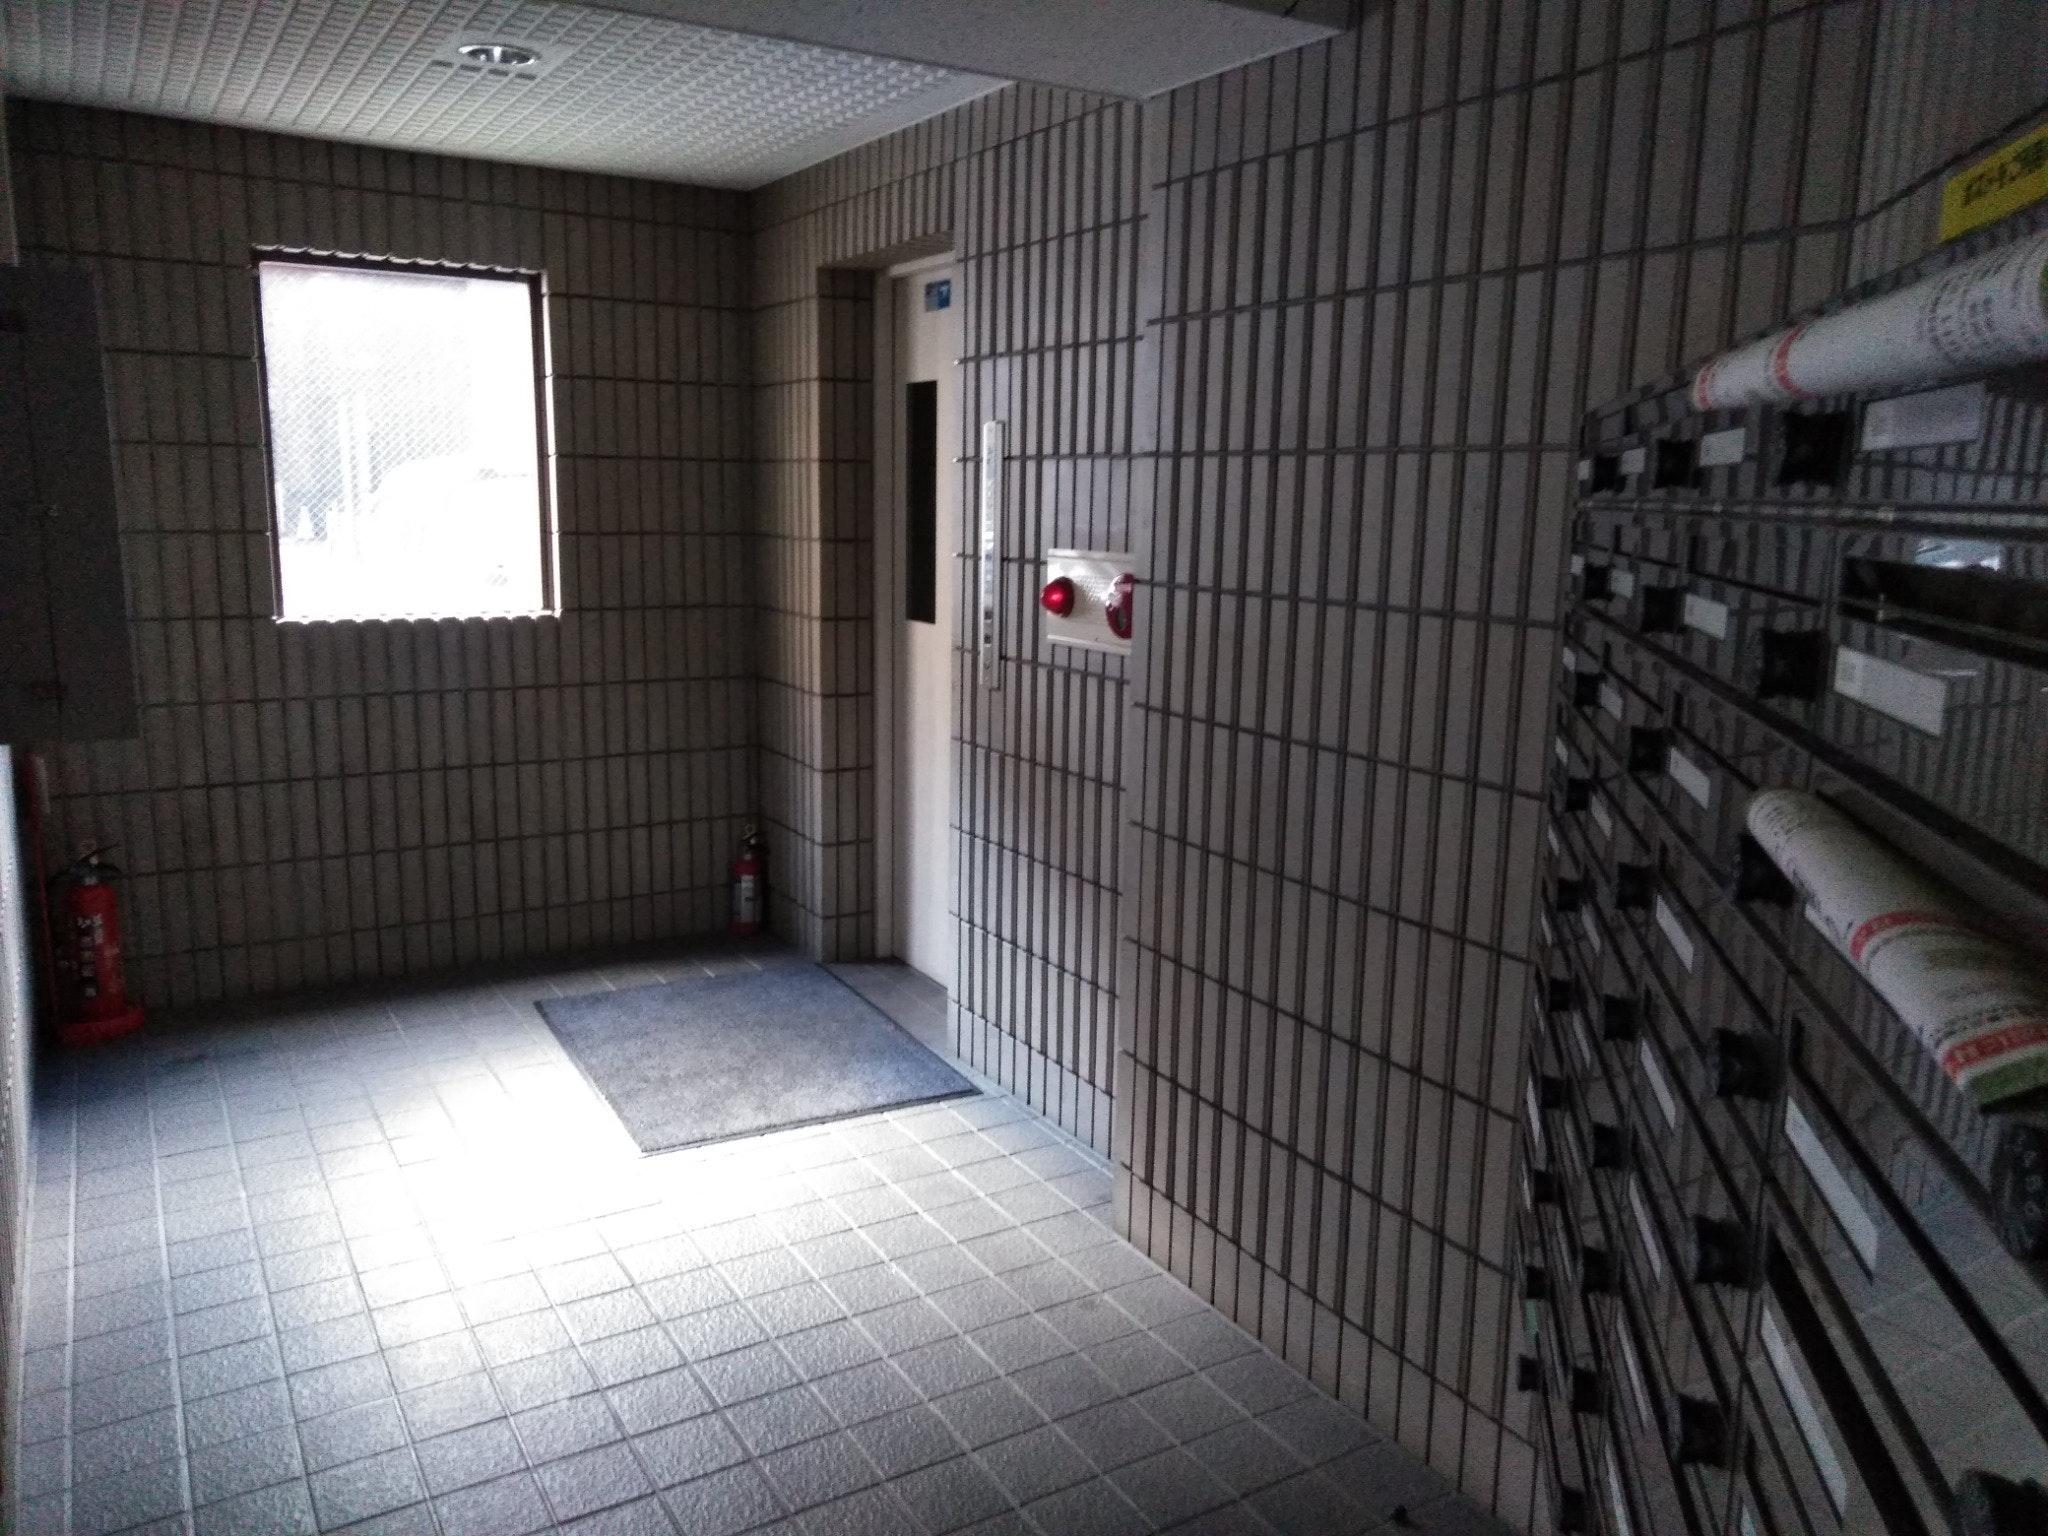 902号室、1DK、ダブルベッド1台、布団1枚。地下鉄東豊線大通駅徒歩5分、JR札幌駅より徒歩10分